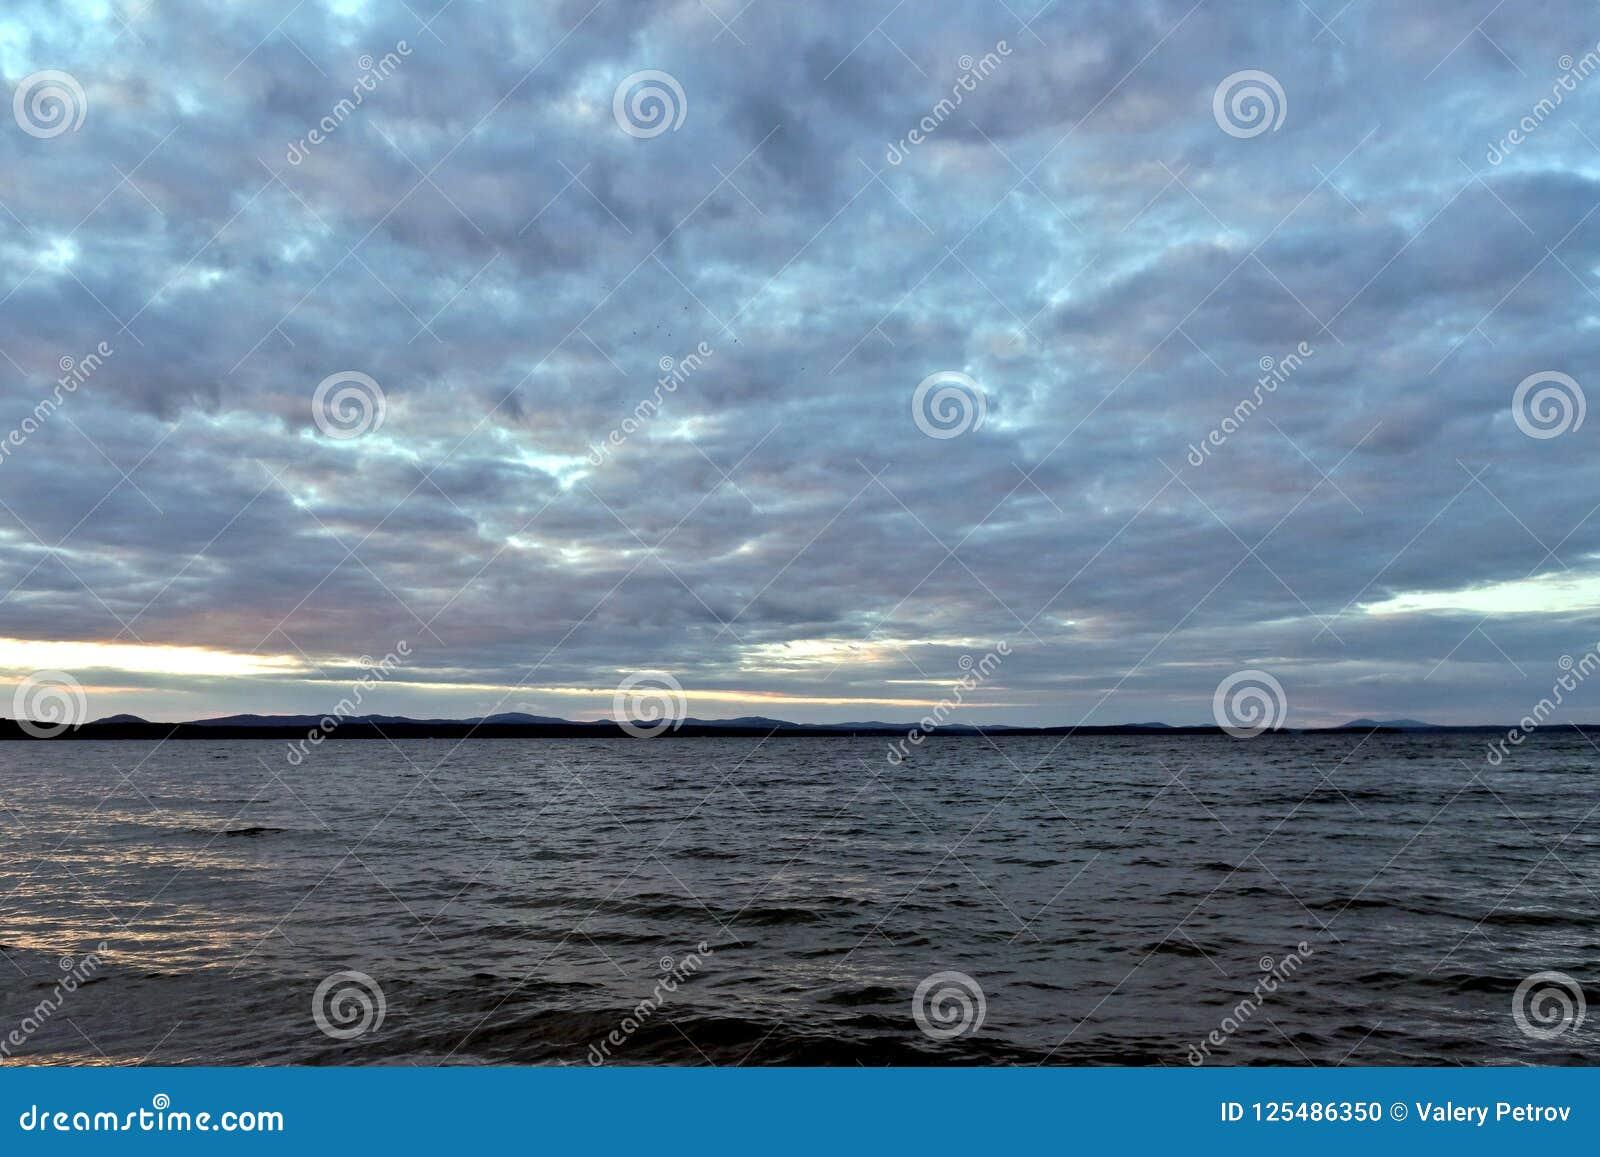 Озеро вечер в пасмурной погоде